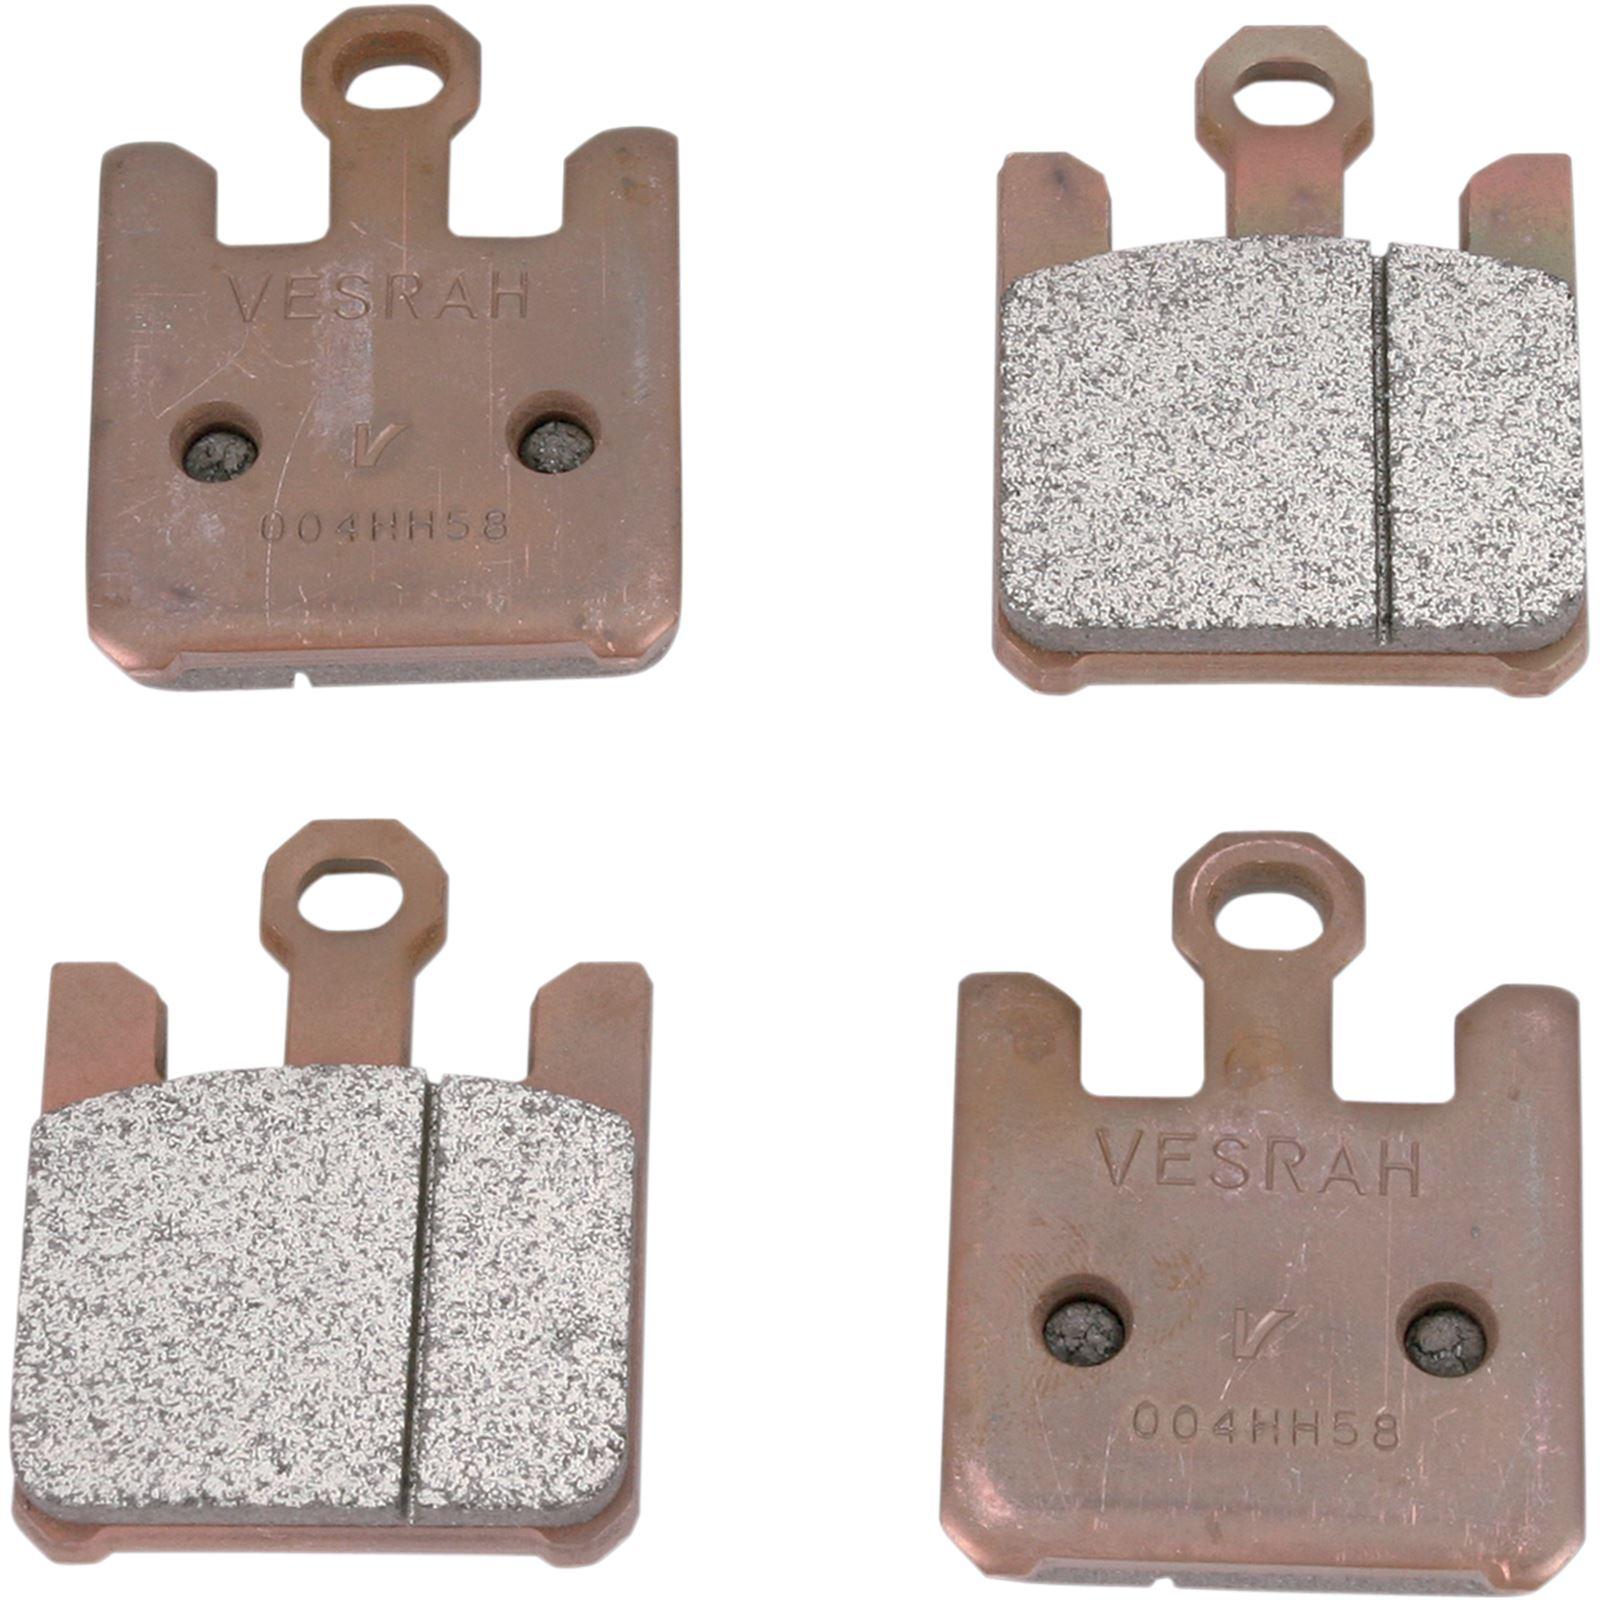 Vesrah JL Sintered Metal Brake Pads - VD-354JL